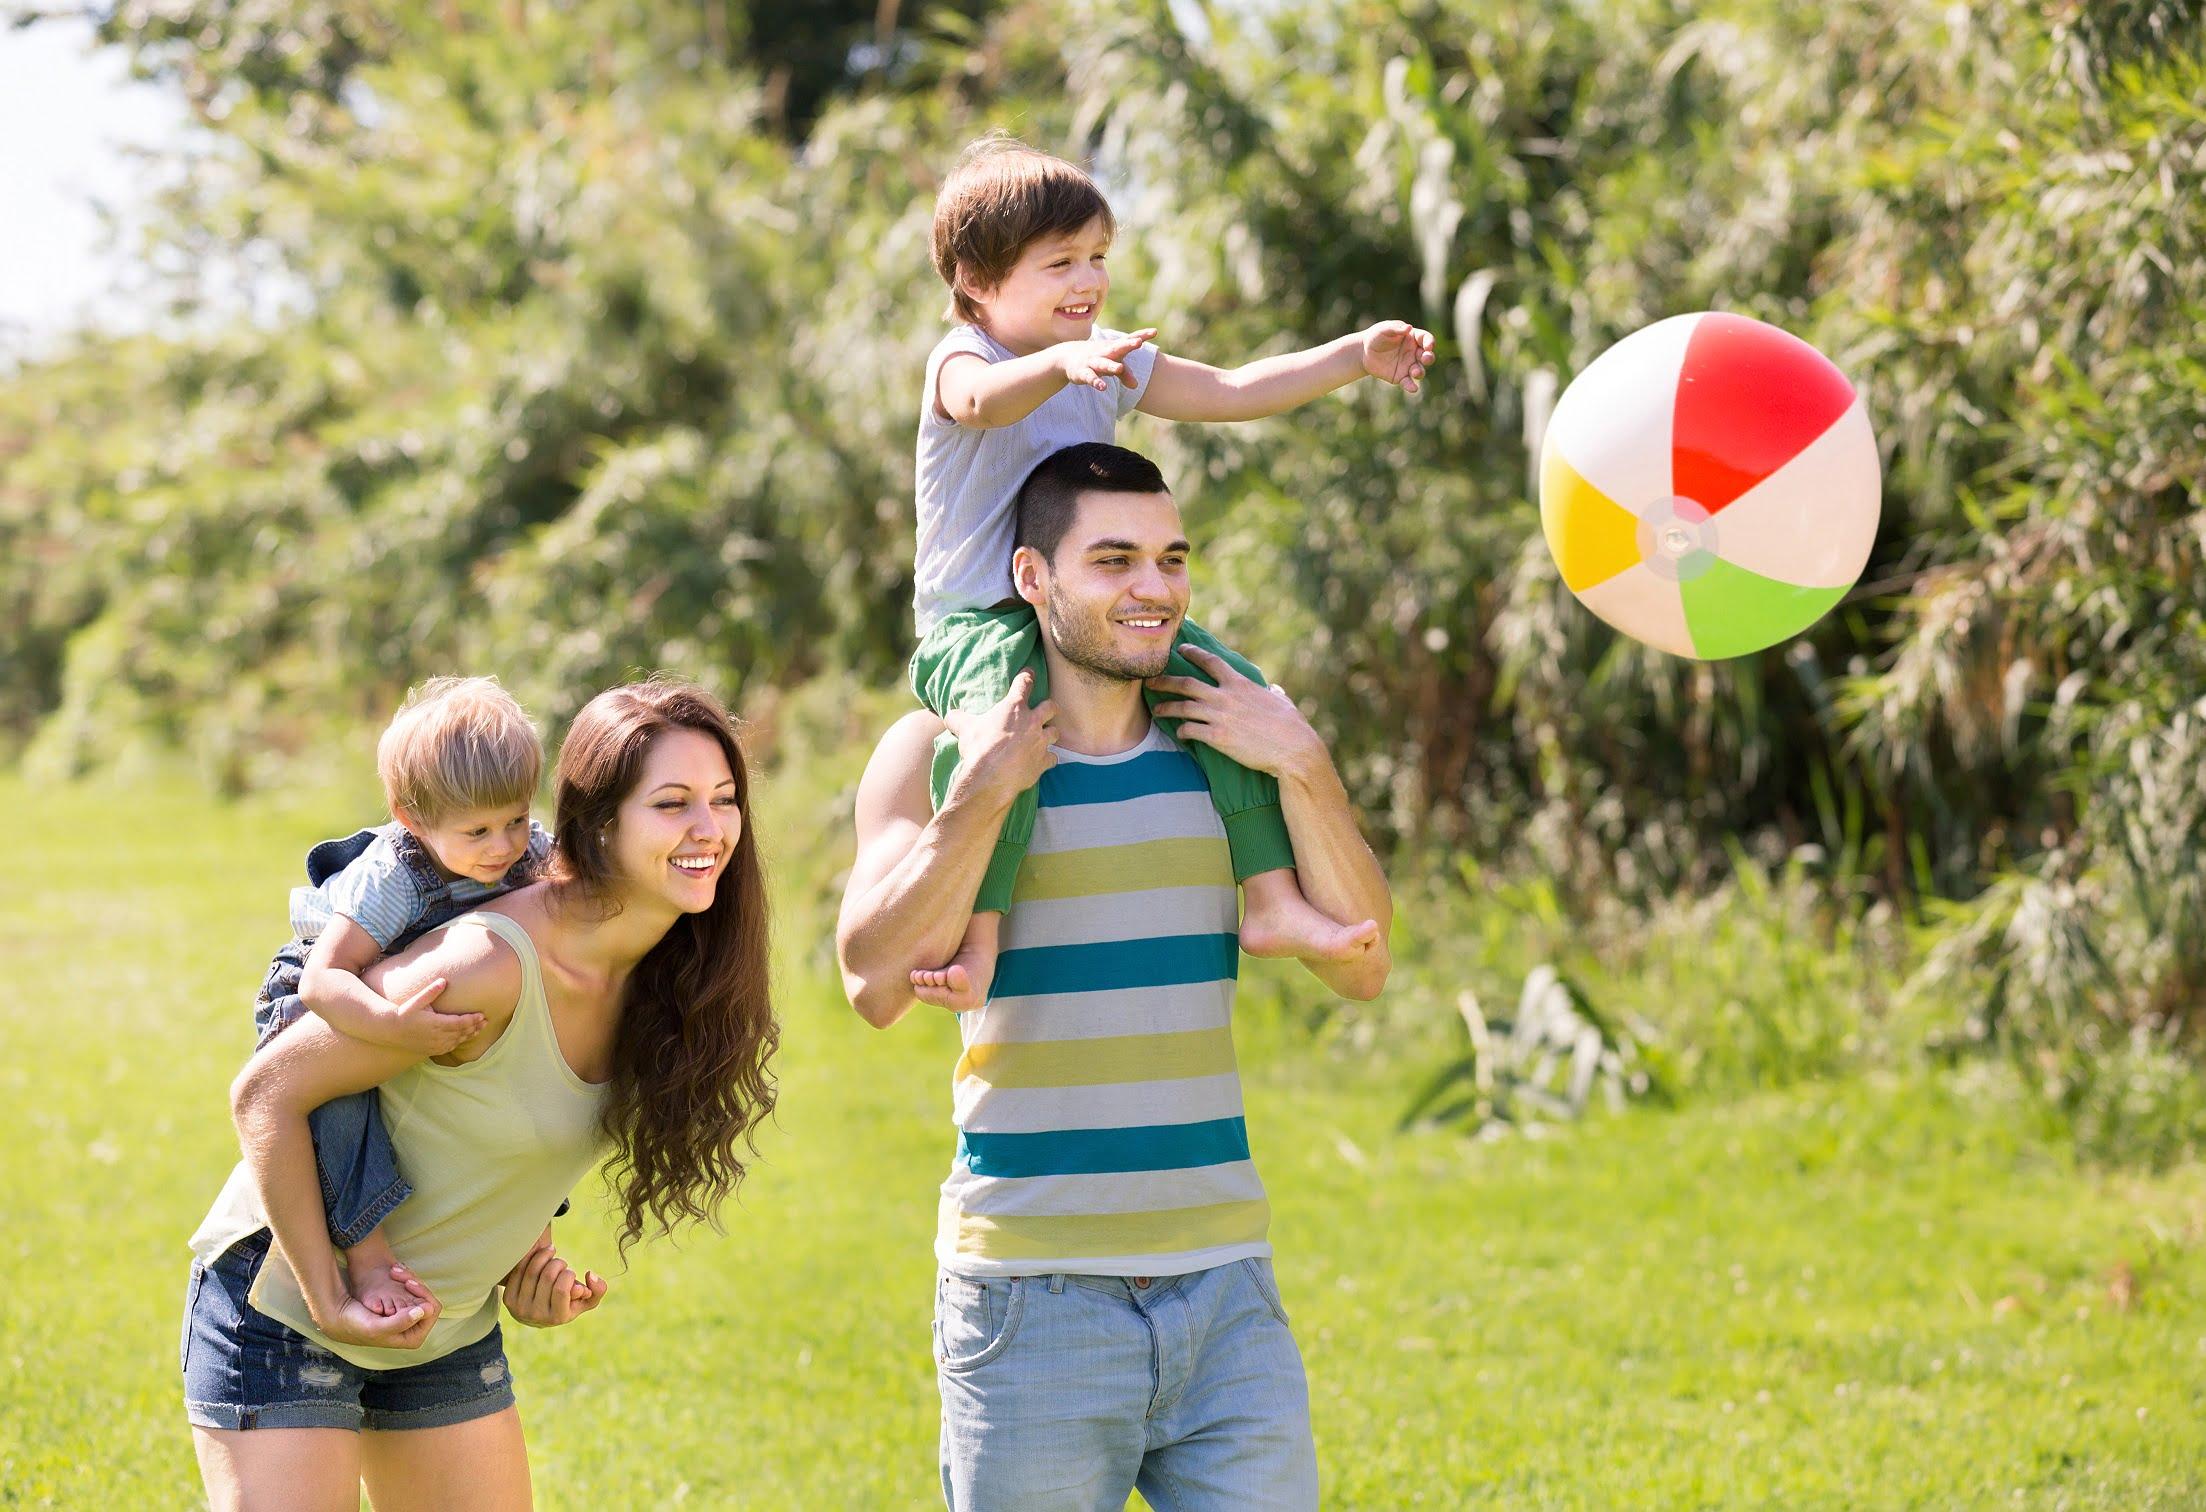 Associar_se_a_clubes_pode_ser_uma_opcao_de_-lazer_para-toda-família_-sabia.jpg